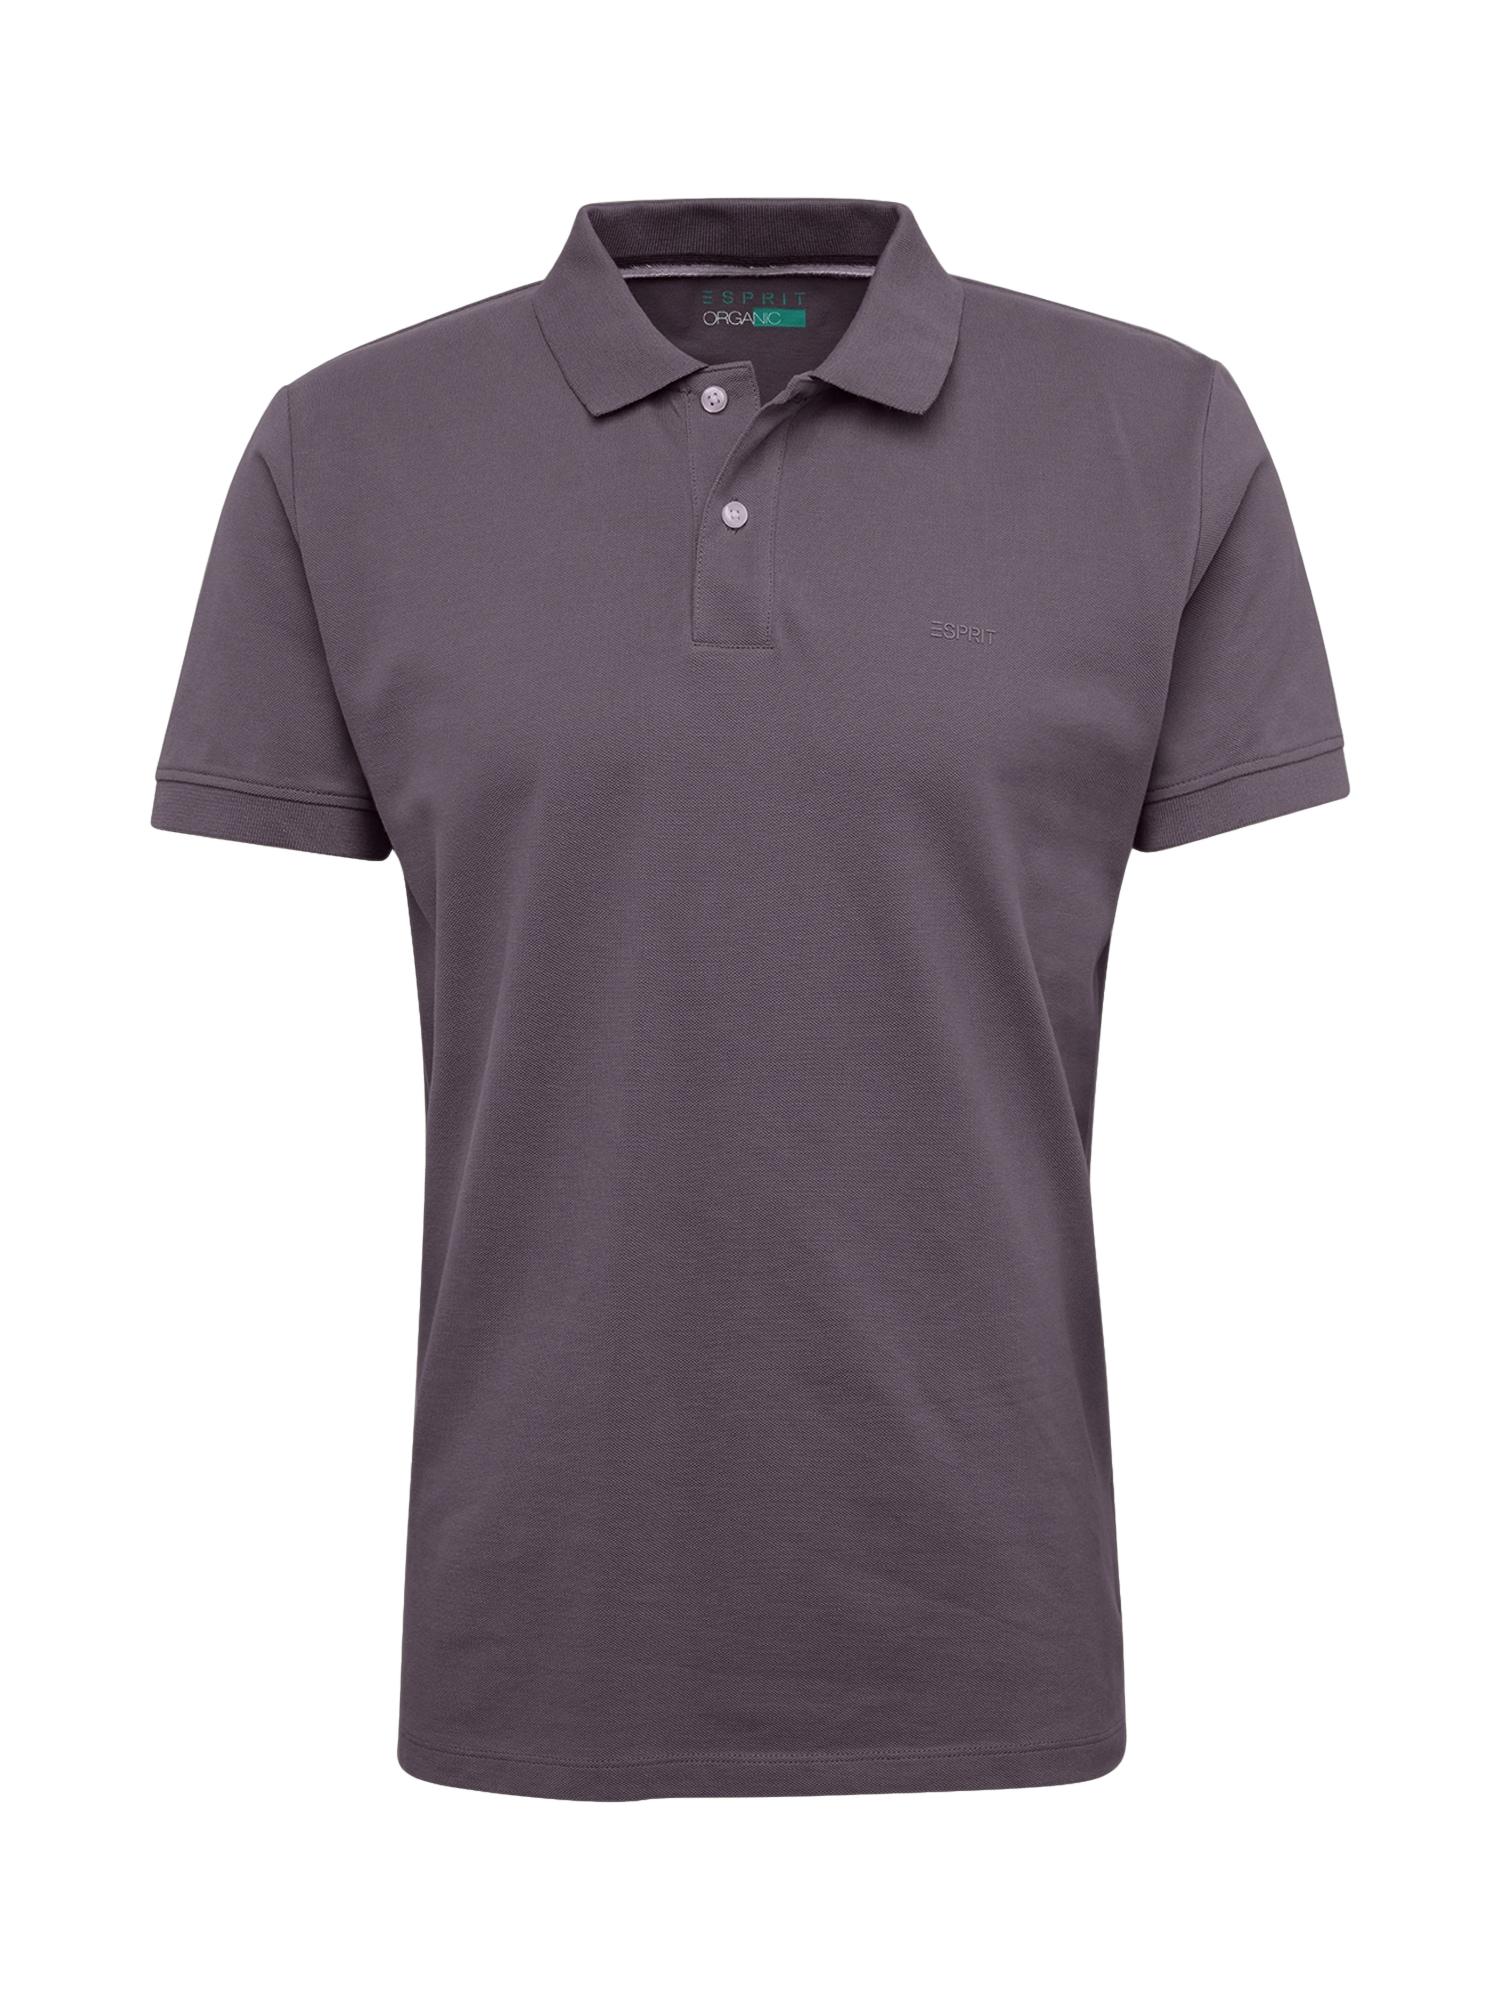 ESPRIT Marškinėliai 'OCS N pi po ss' tamsiai pilka